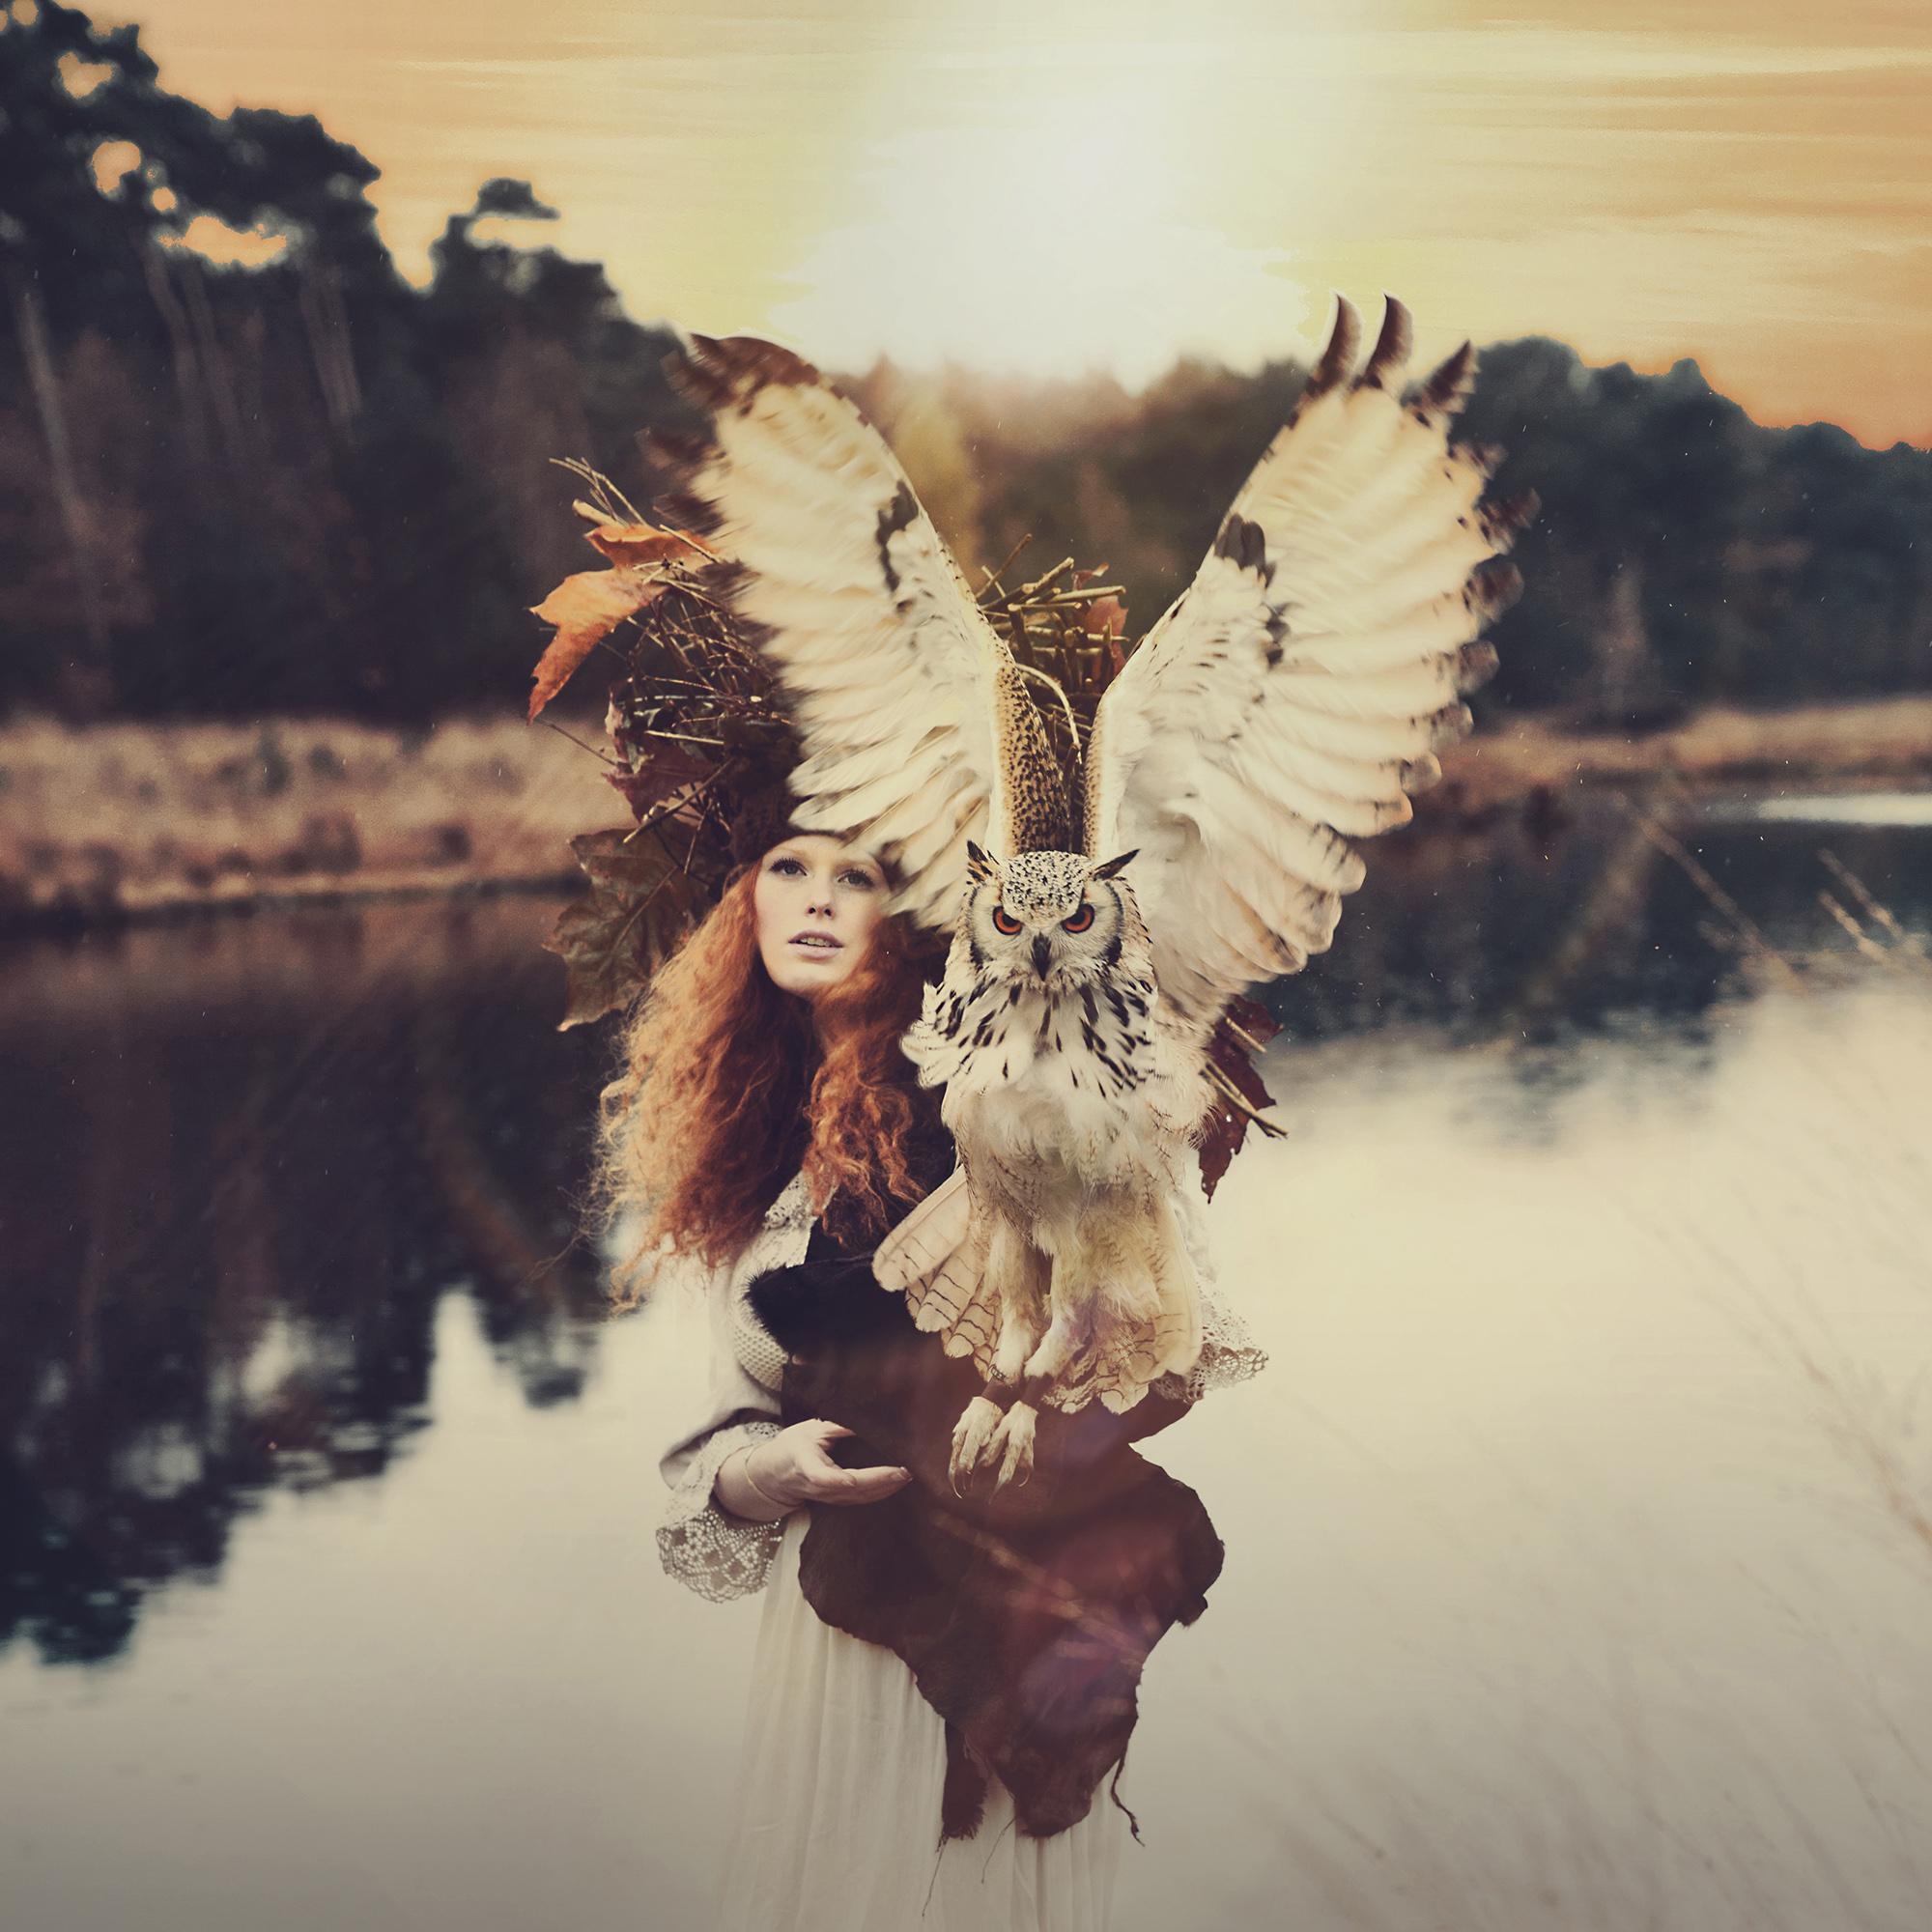 foto van vrouw met grote uil met achtergrond water en bos van Lione Bakker